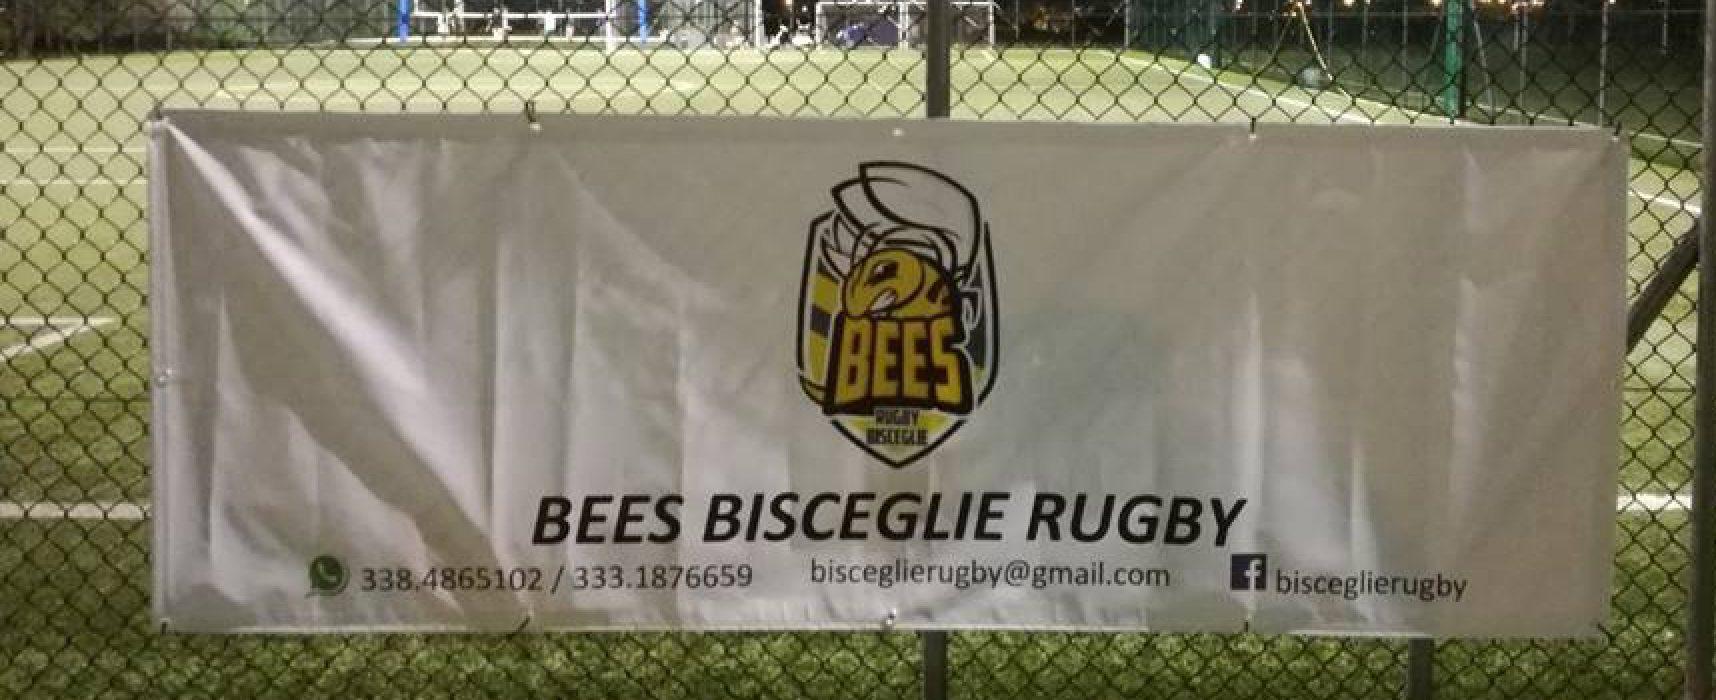 Rugby a Bisceglie: sabato torneo giovanile in casa dei Bees, lunedì convegno al II circolo